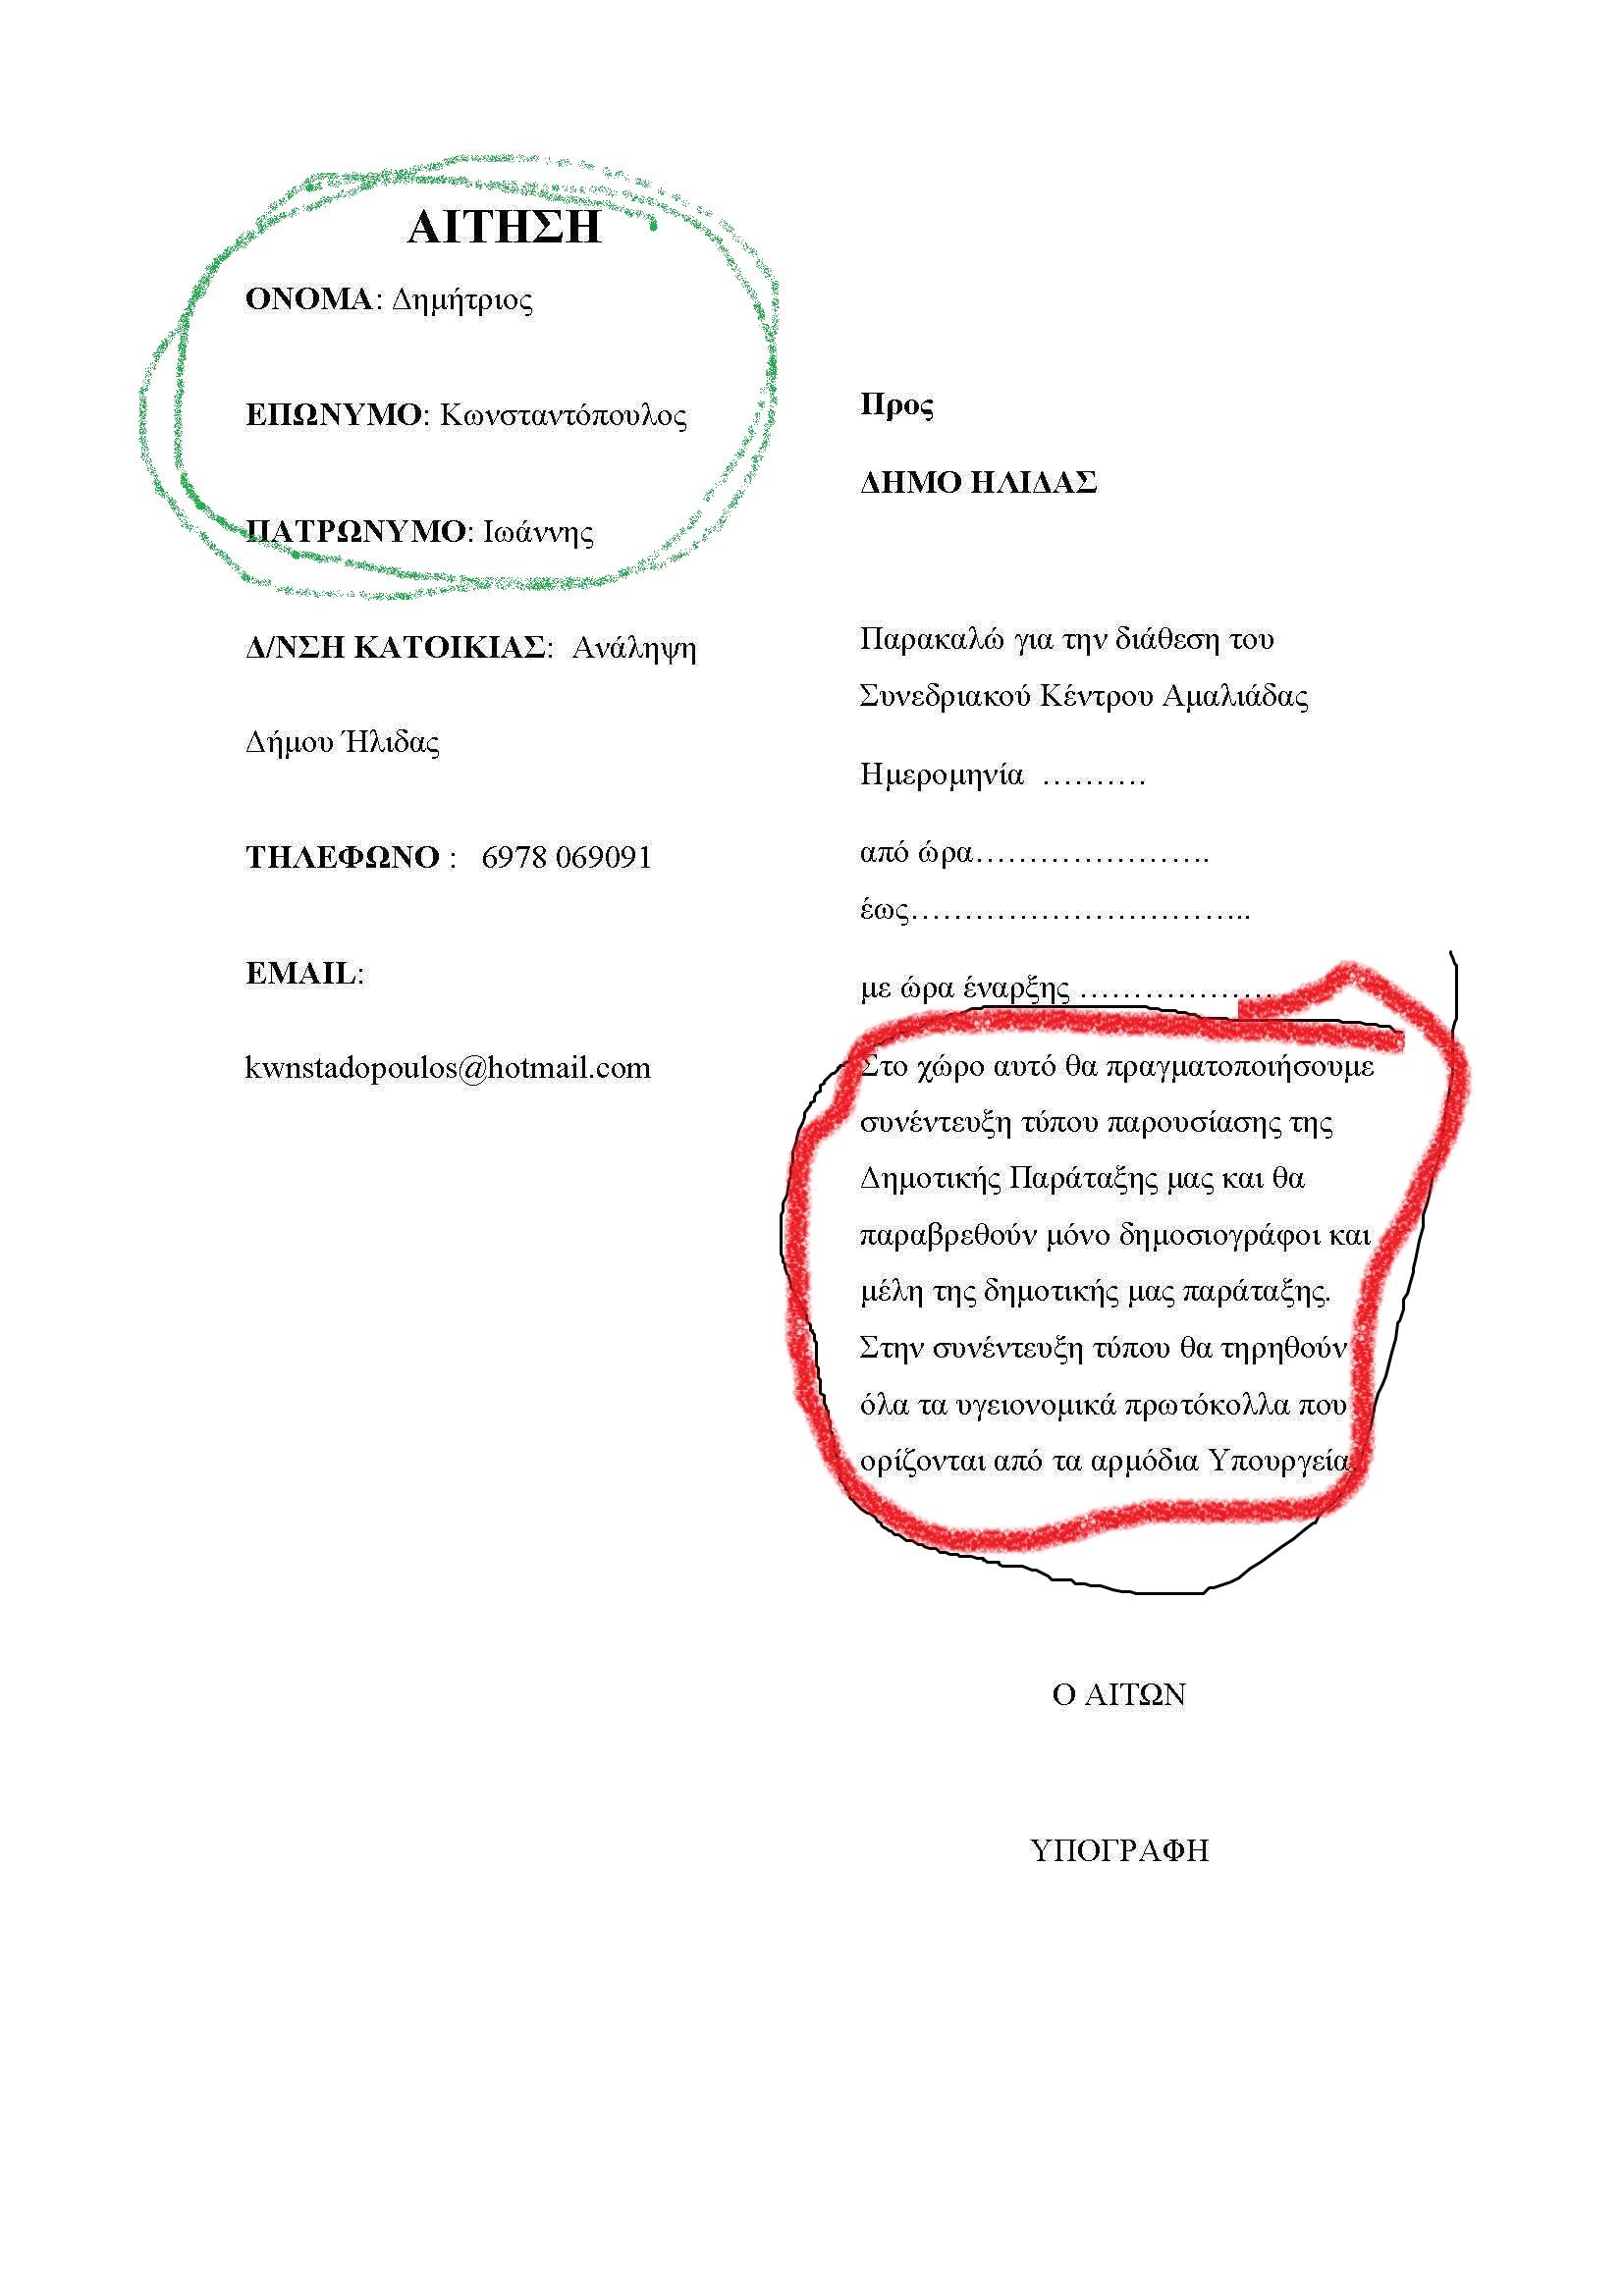 Δημήτρης Κωνσταντόπουλος: Ο Δήμος Ήλιδας κ. Λυμπέρη δεν είναι ιδιοκτησία σας…